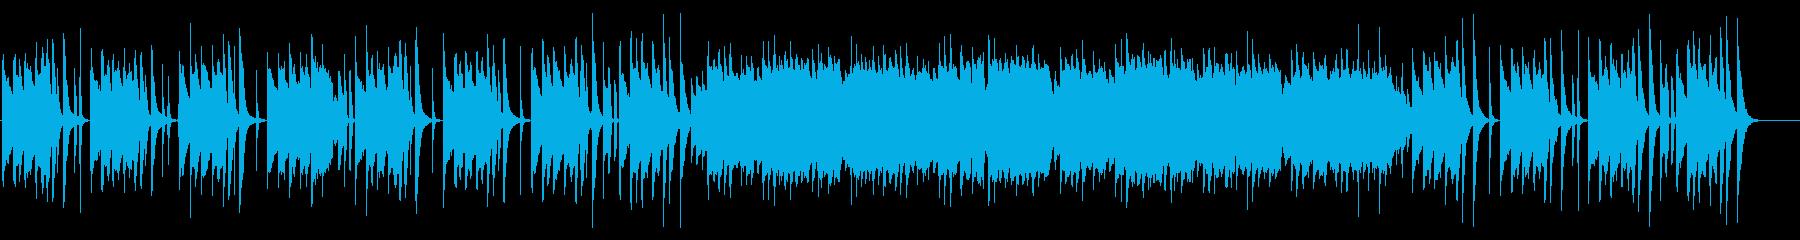 ほのぼのかわいい、やさしい雰囲気のBGMの再生済みの波形